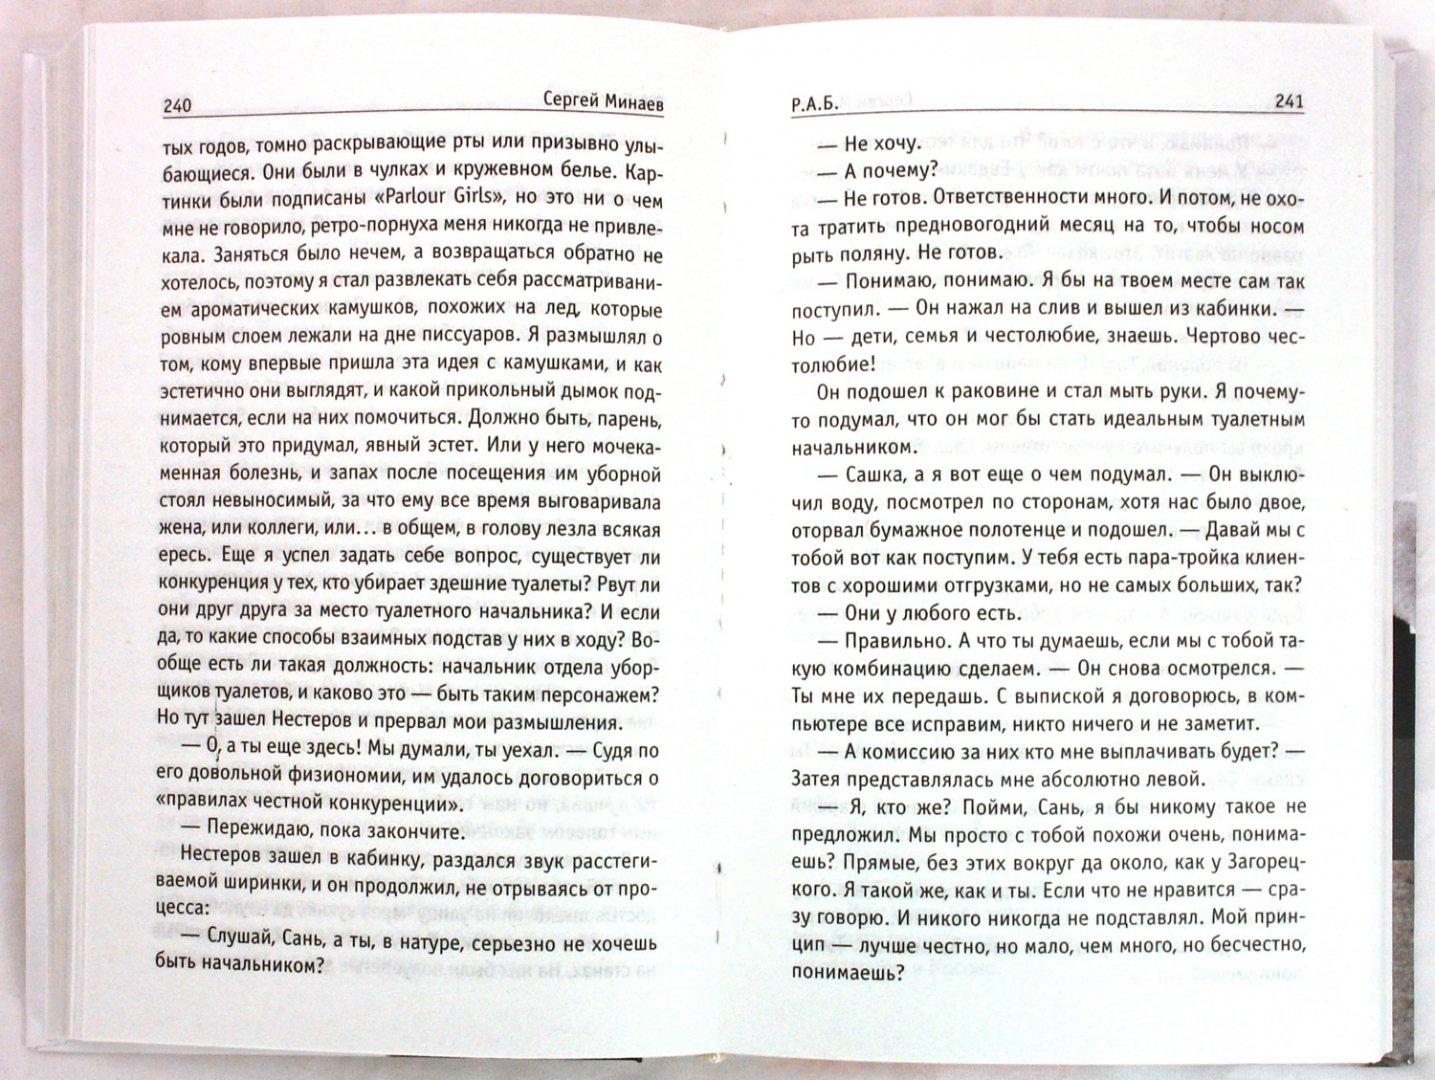 Иллюстрация 1 из 21 для Р.А.Б. Антикризисный роман - Сергей Минаев | Лабиринт - книги. Источник: Лабиринт